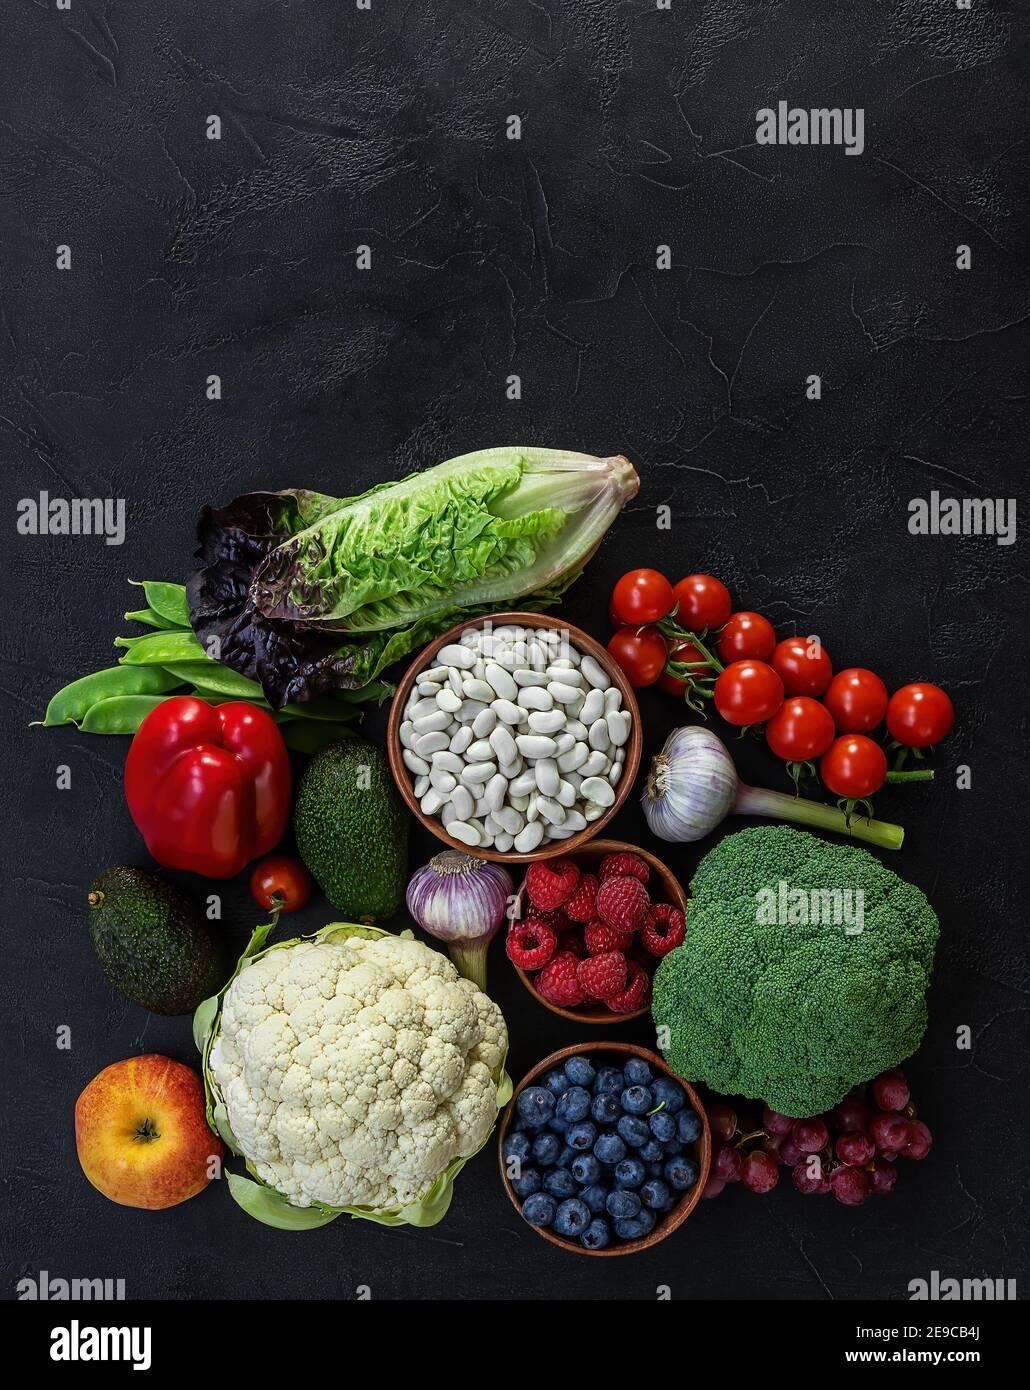 Fondo de alimentos saludables, productos de dieta a base de plantas de moda - verduras frescas crudas, bayas, y frijoles. Foto de stock